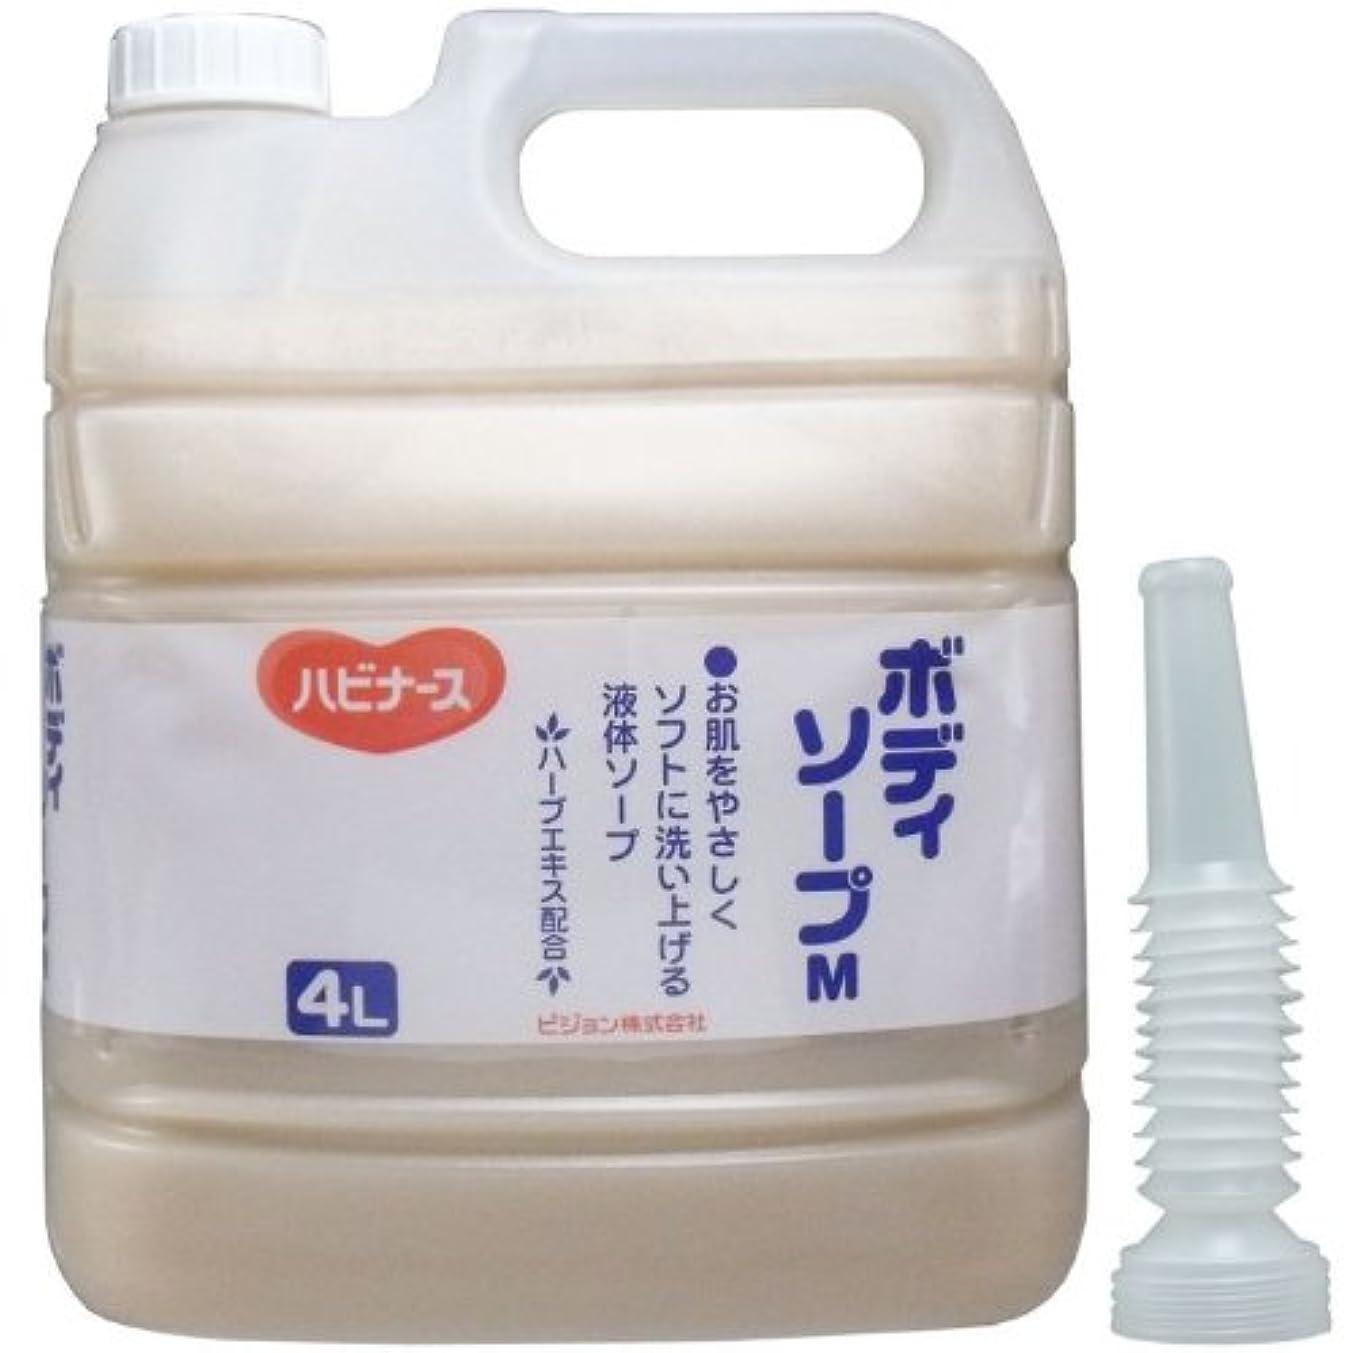 思い出させるおかしいスナップ液体ソープ ボディソープ 風呂 石ケン お肌をやさしくソフトに洗い上げる!業務用 4L【4個セット】